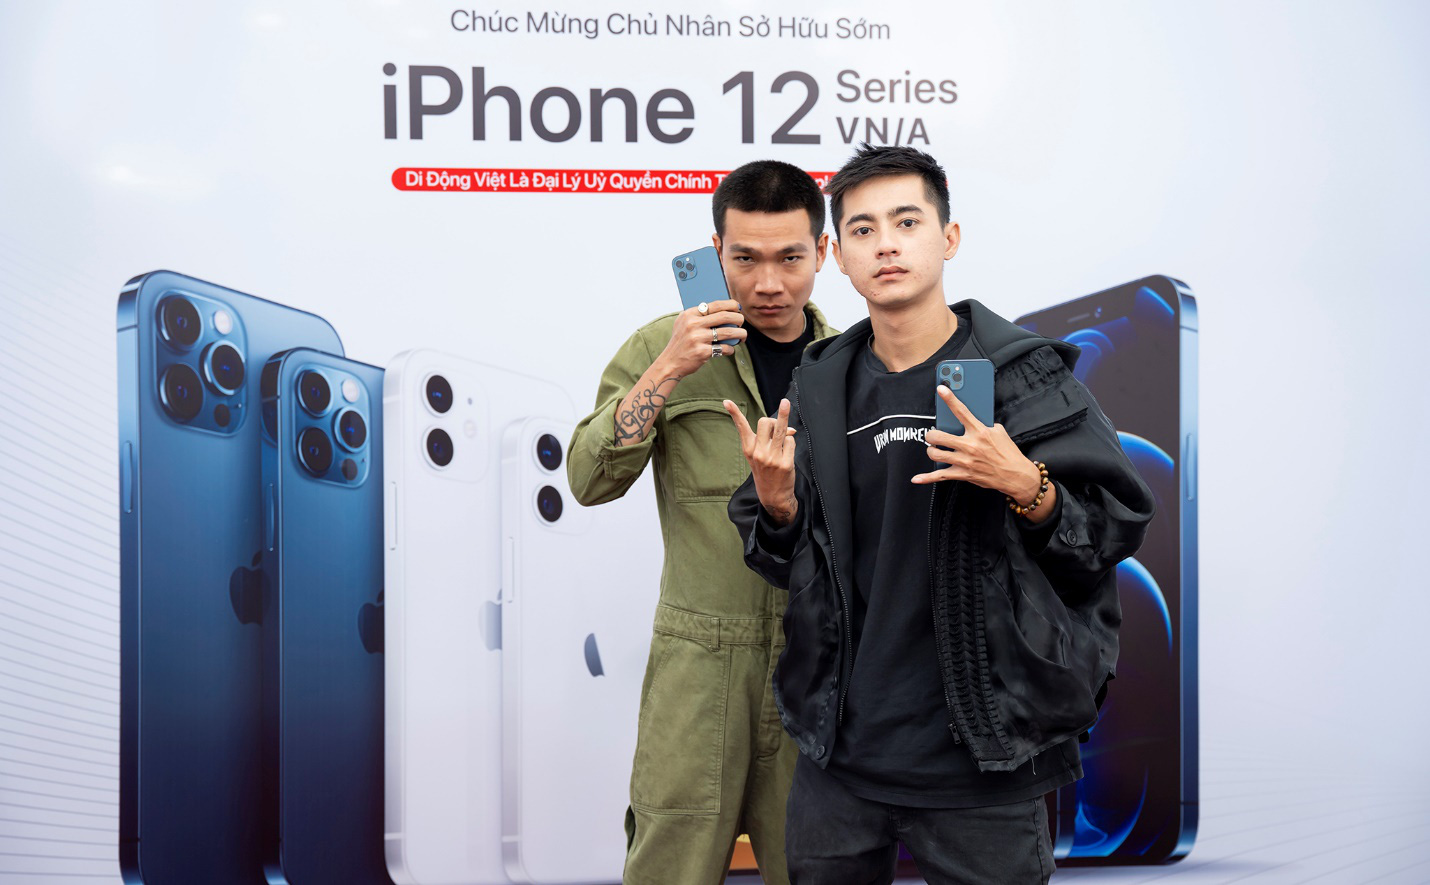 Wowy sở hữu iPhone 12 Pro Max VN/A ngay trong ngày mở bán đầu tiên tại Việt Nam - Ảnh 4.